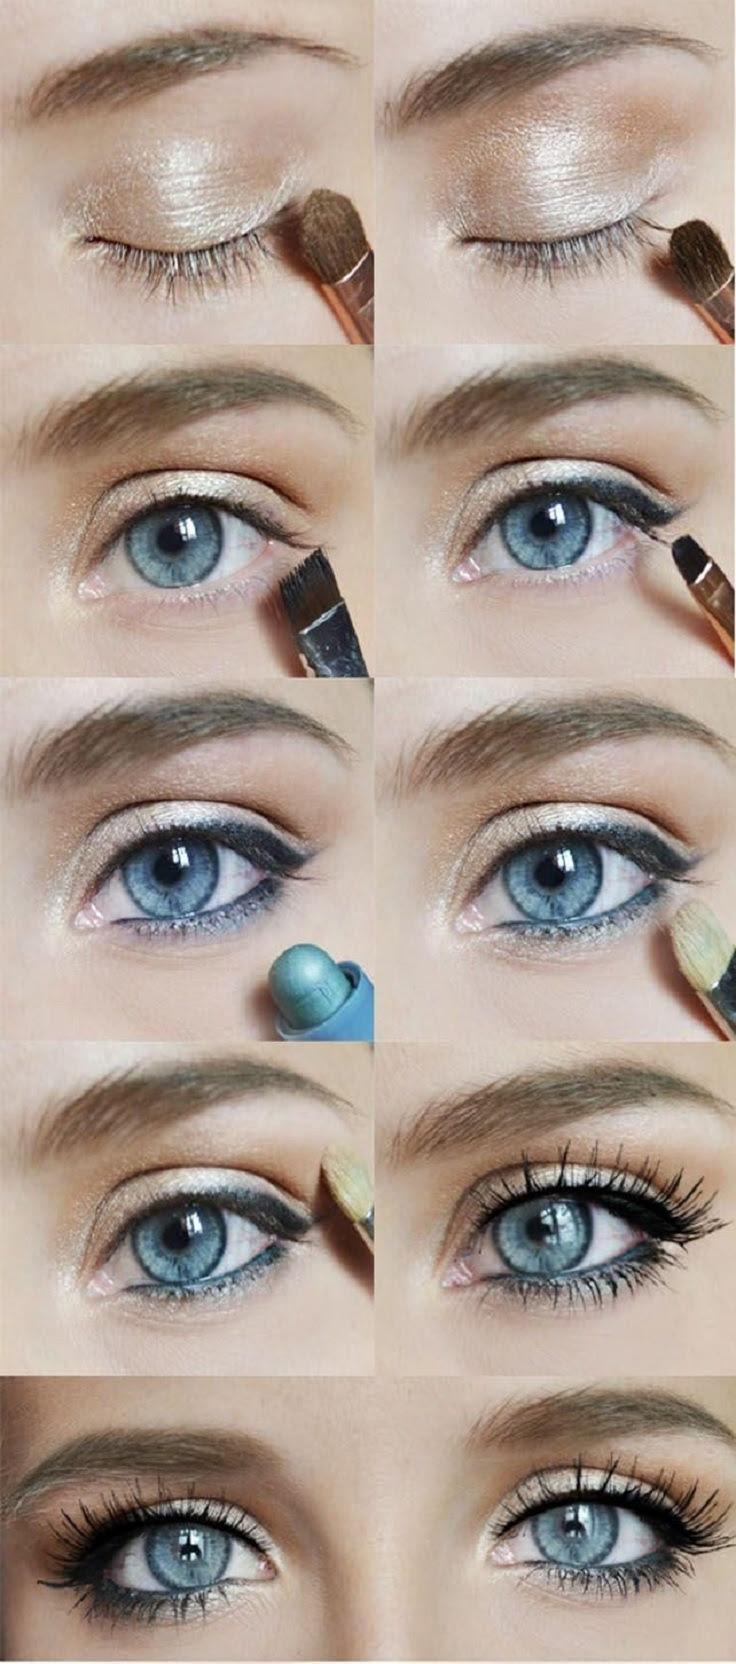 3 Best Eyeshadow Colors For Grey Eyes - Makeup Tutorials